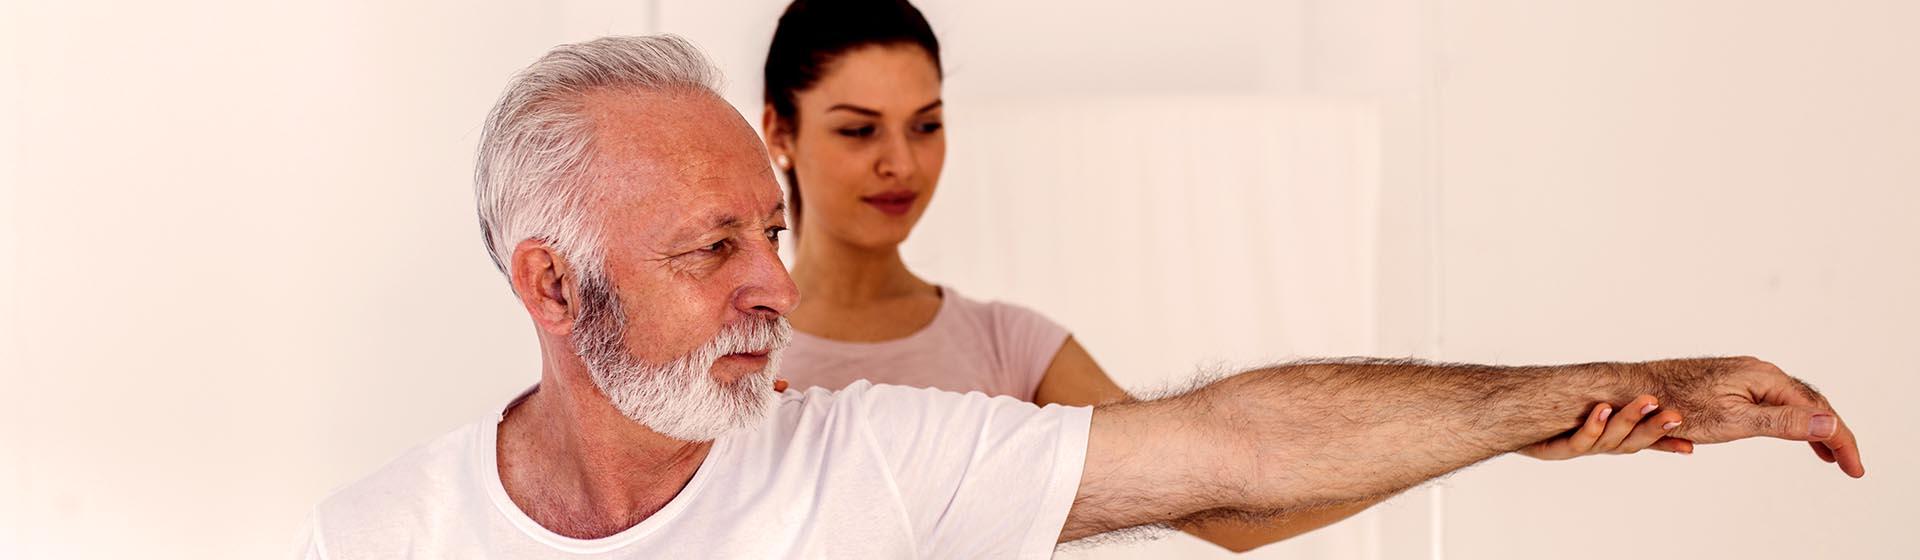 Ben je écht beter af met een collectieve zorgverzekering?